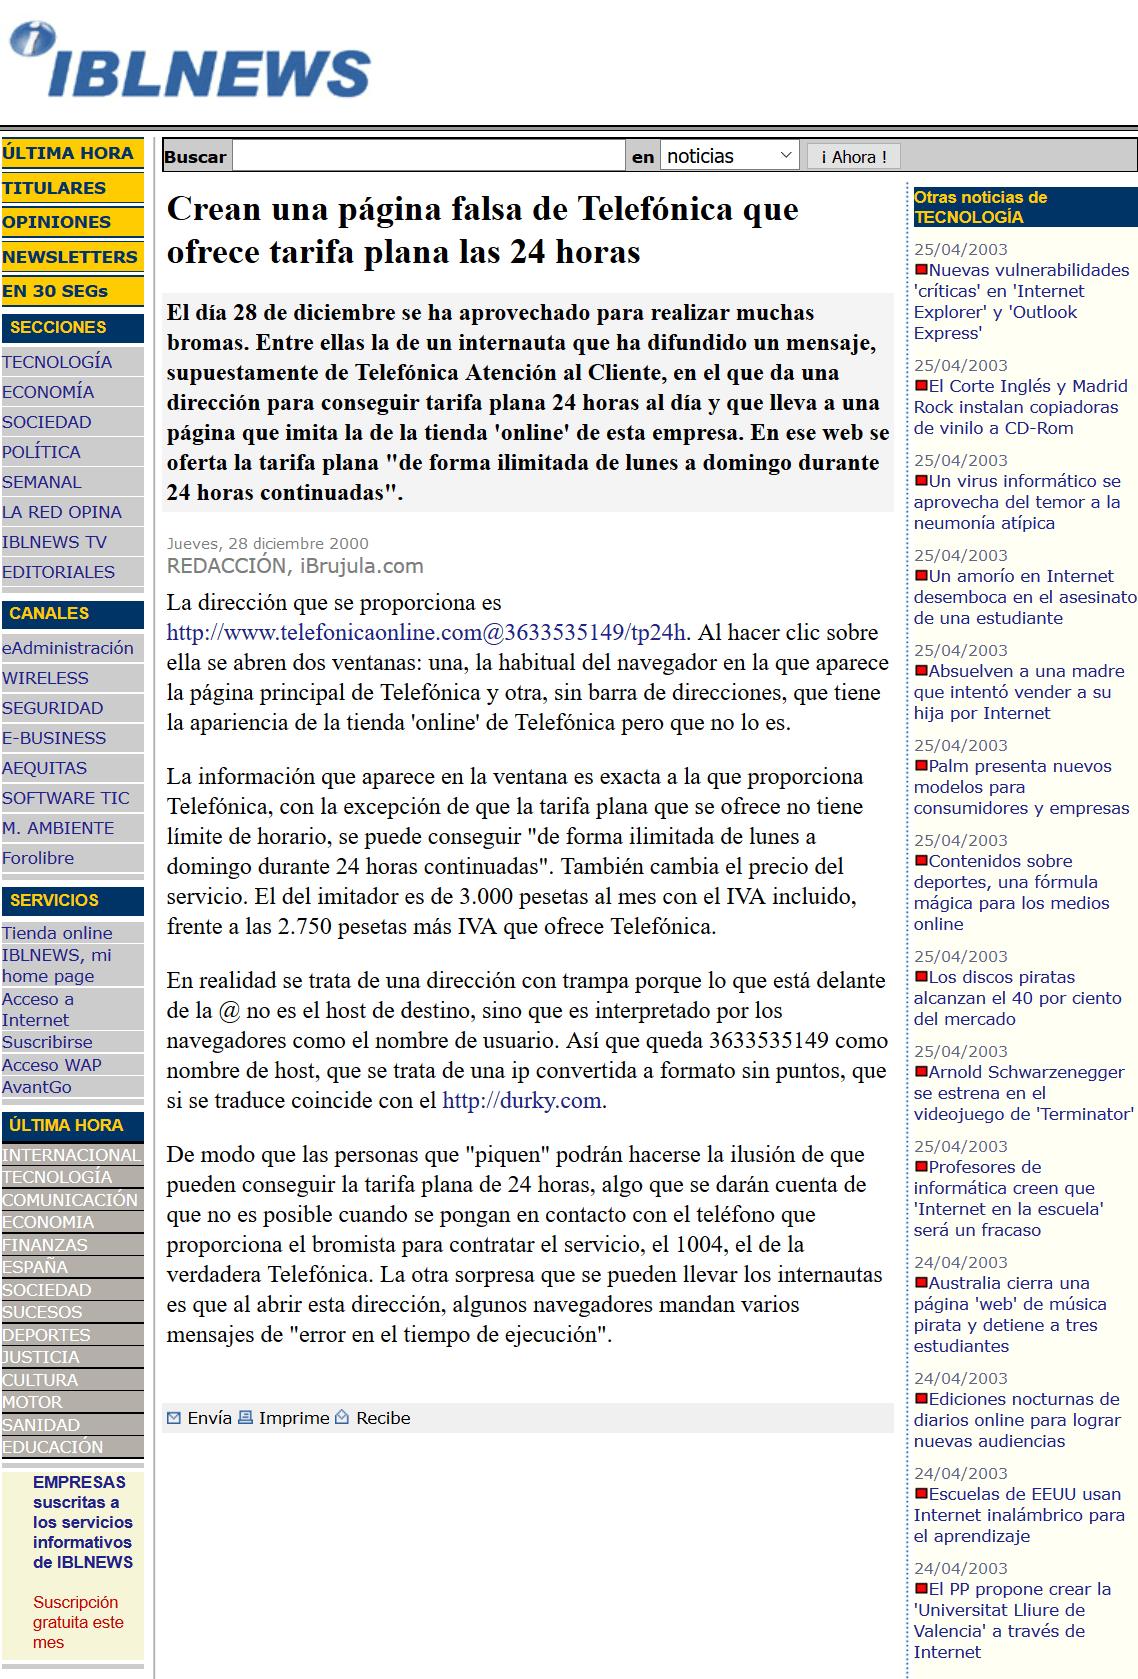 Recuperando la Inocentada del año 2000